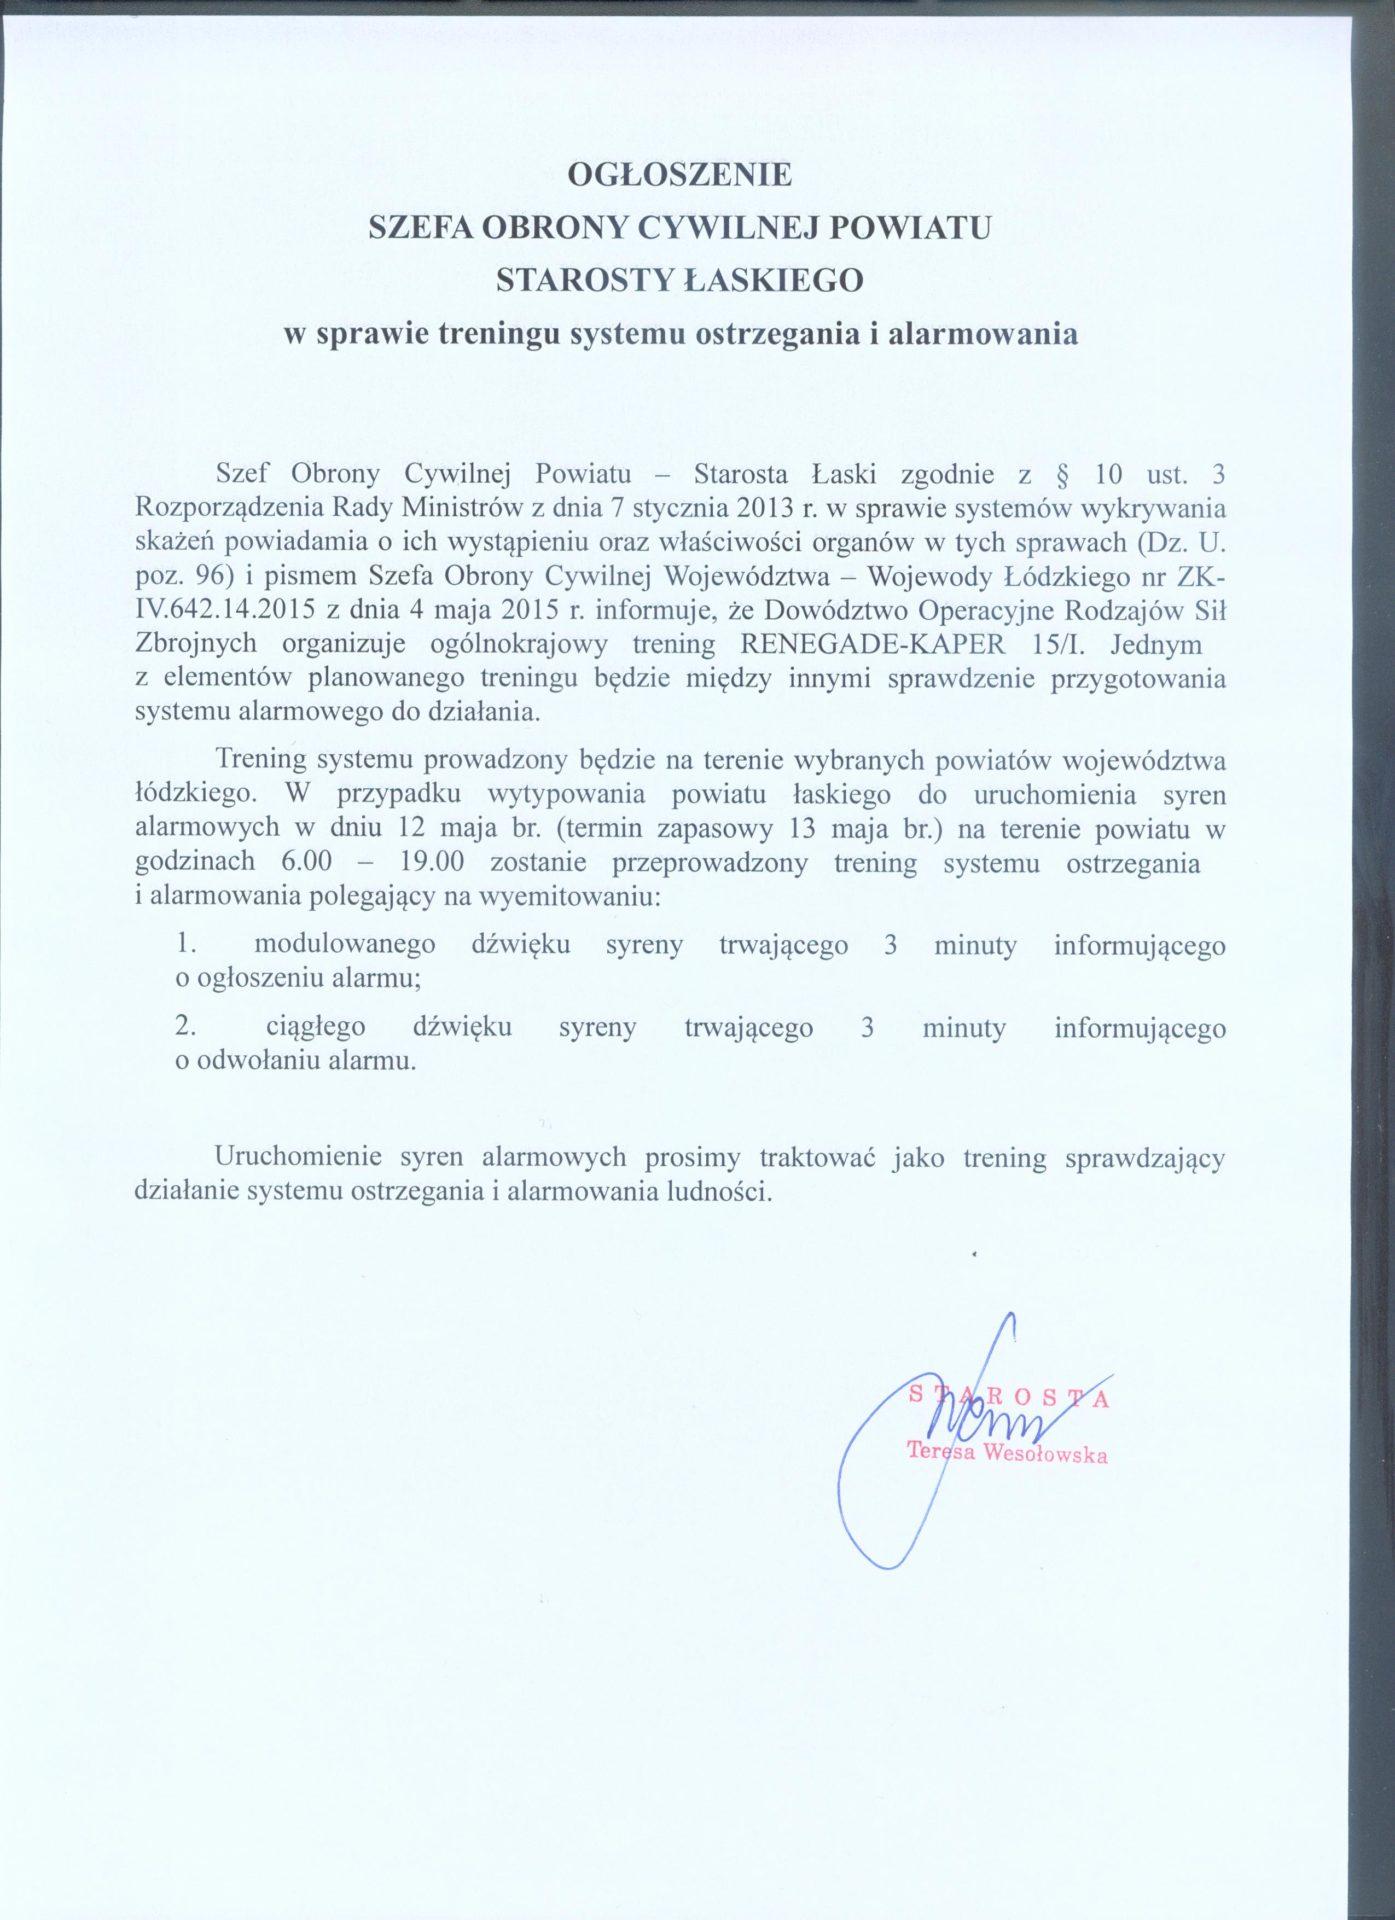 Ogłoszenie Szefa Obrony Cywilnej Powiatu